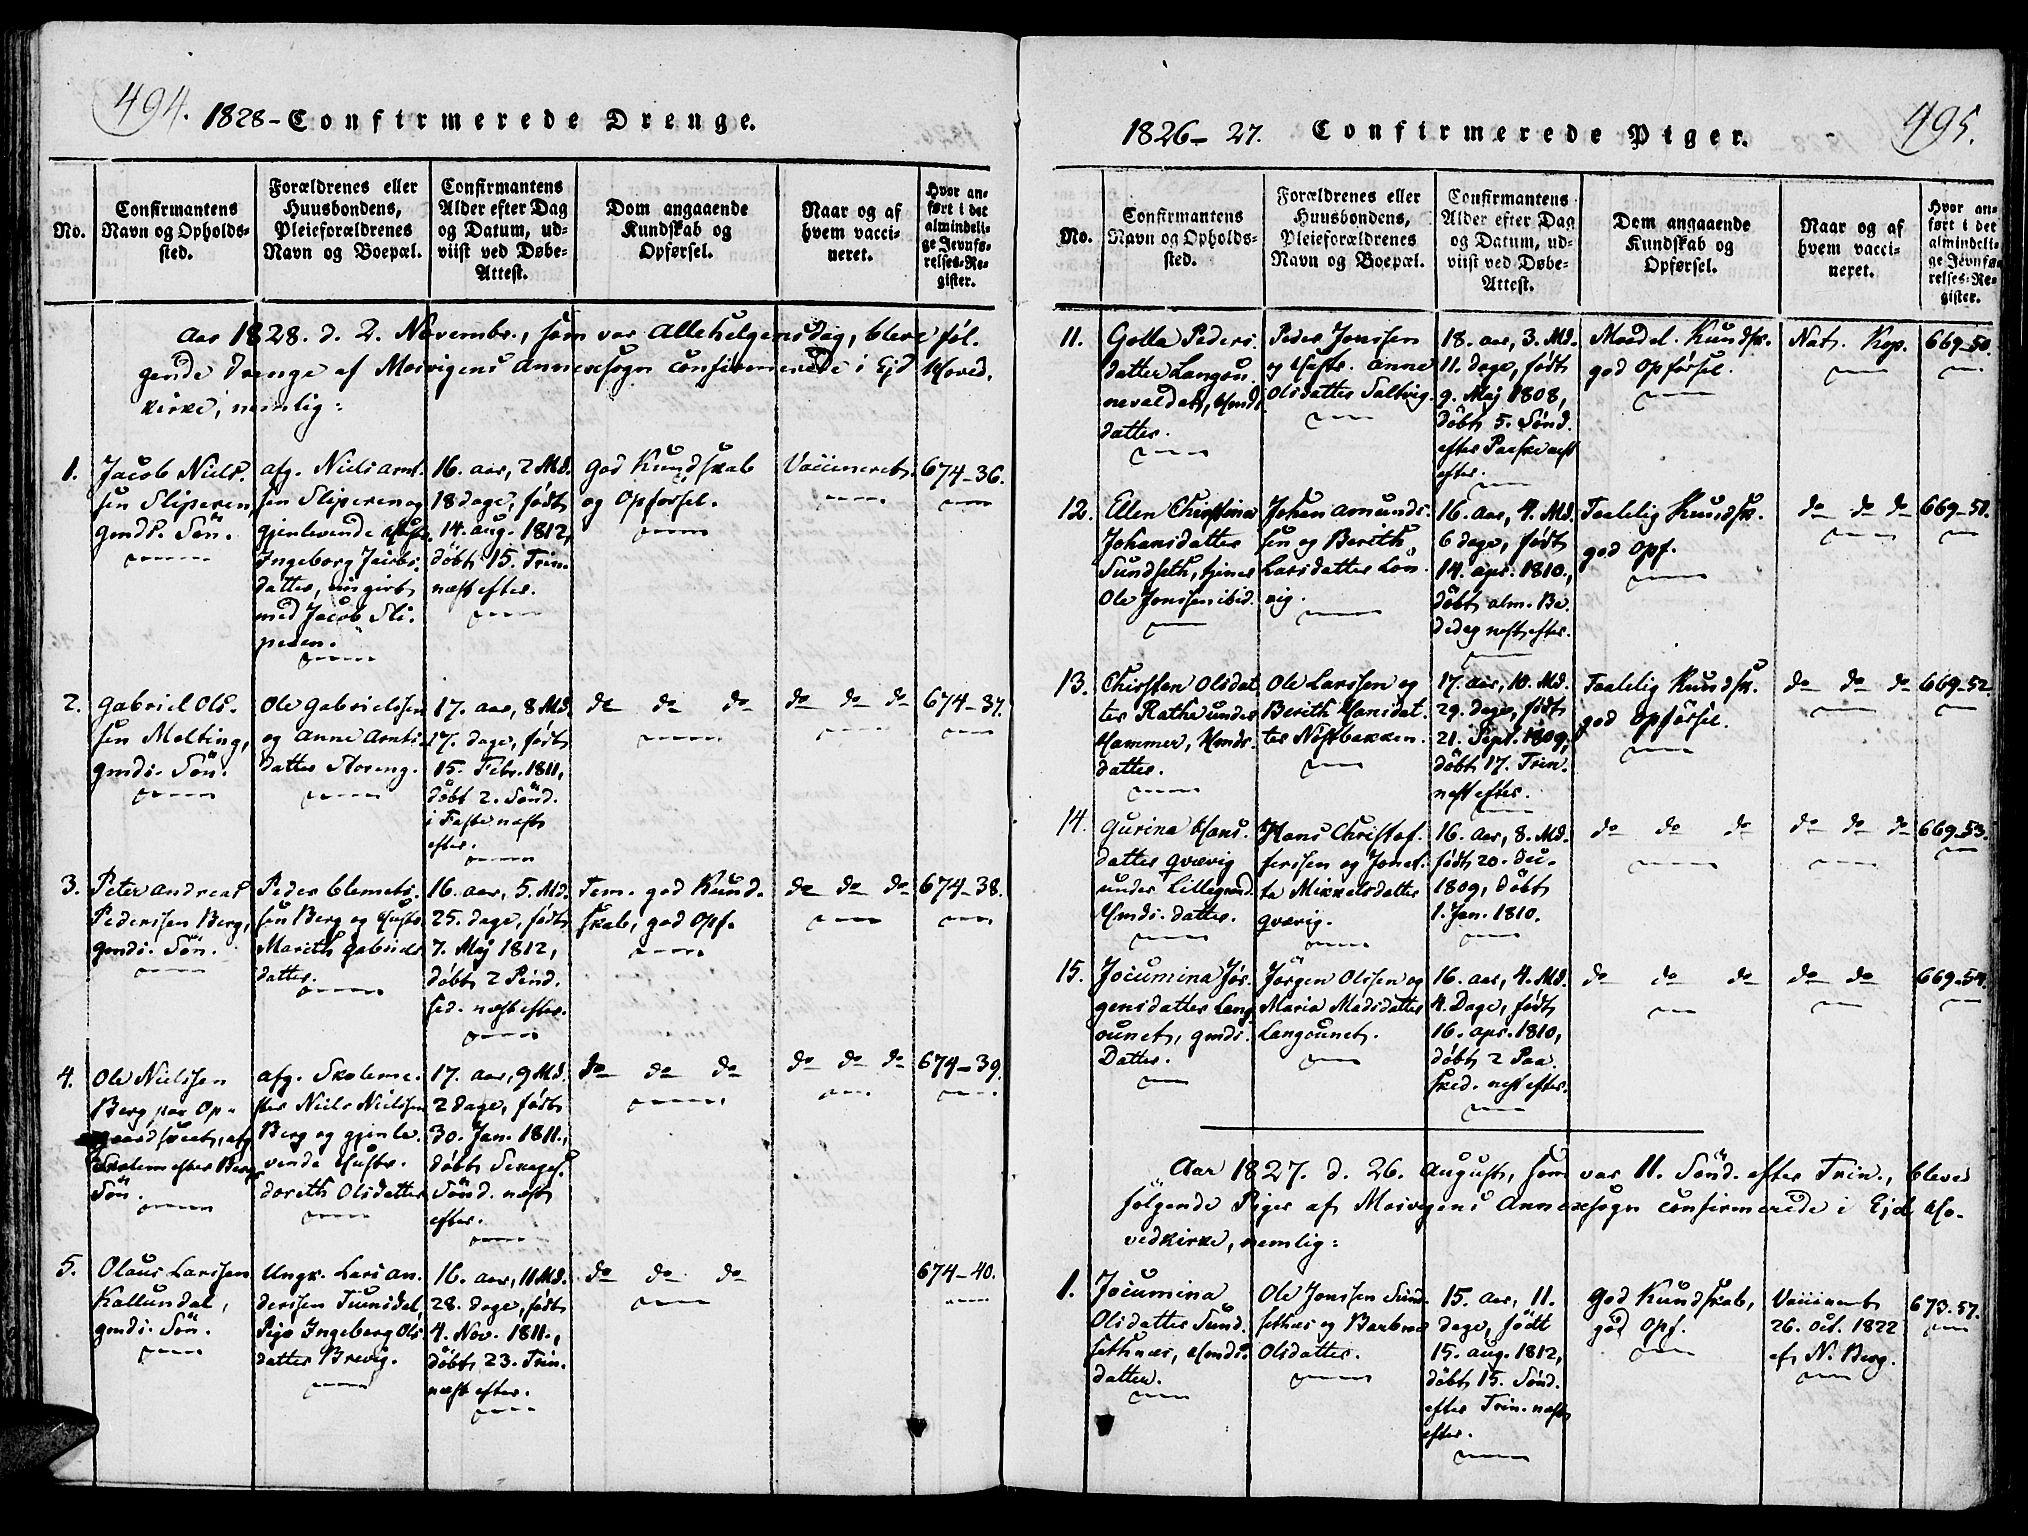 SAT, Ministerialprotokoller, klokkerbøker og fødselsregistre - Nord-Trøndelag, 733/L0322: Ministerialbok nr. 733A01, 1817-1842, s. 494-495